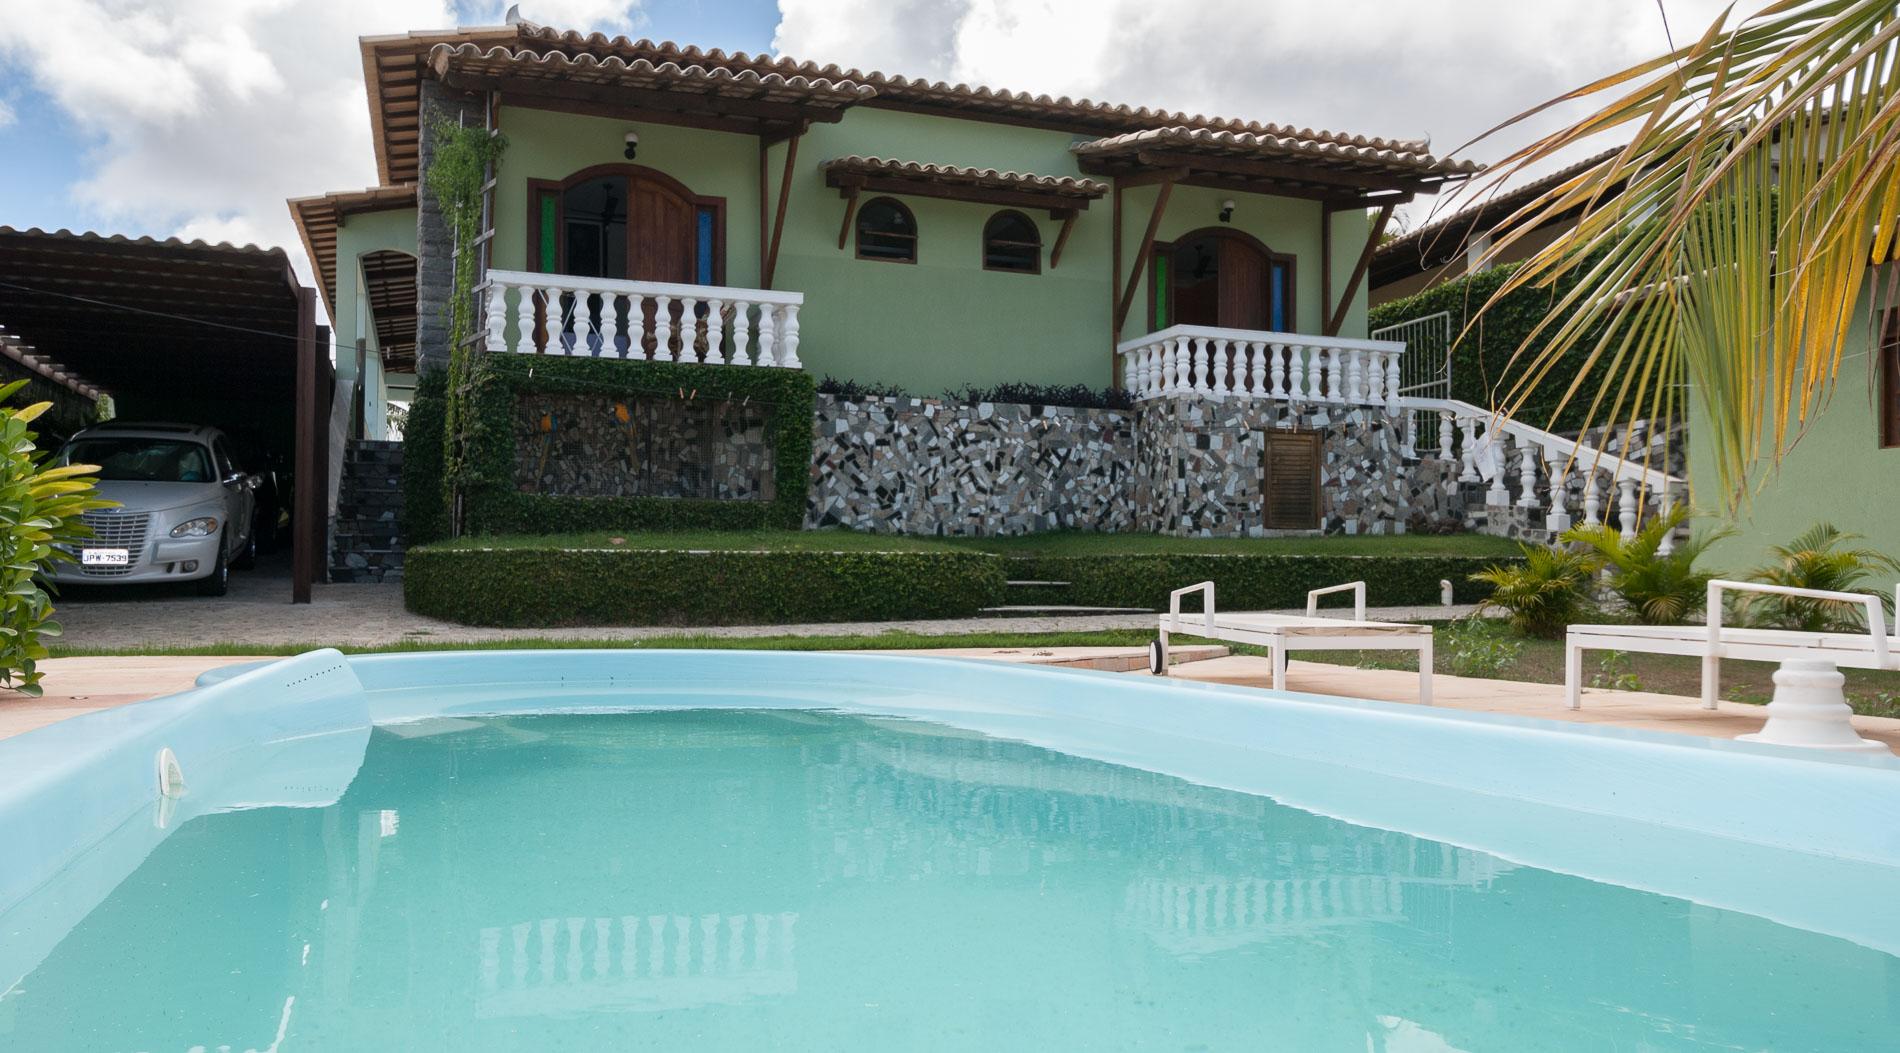 Casa t rrea com piscina a venda em lauro de freitas for Piscina in casa